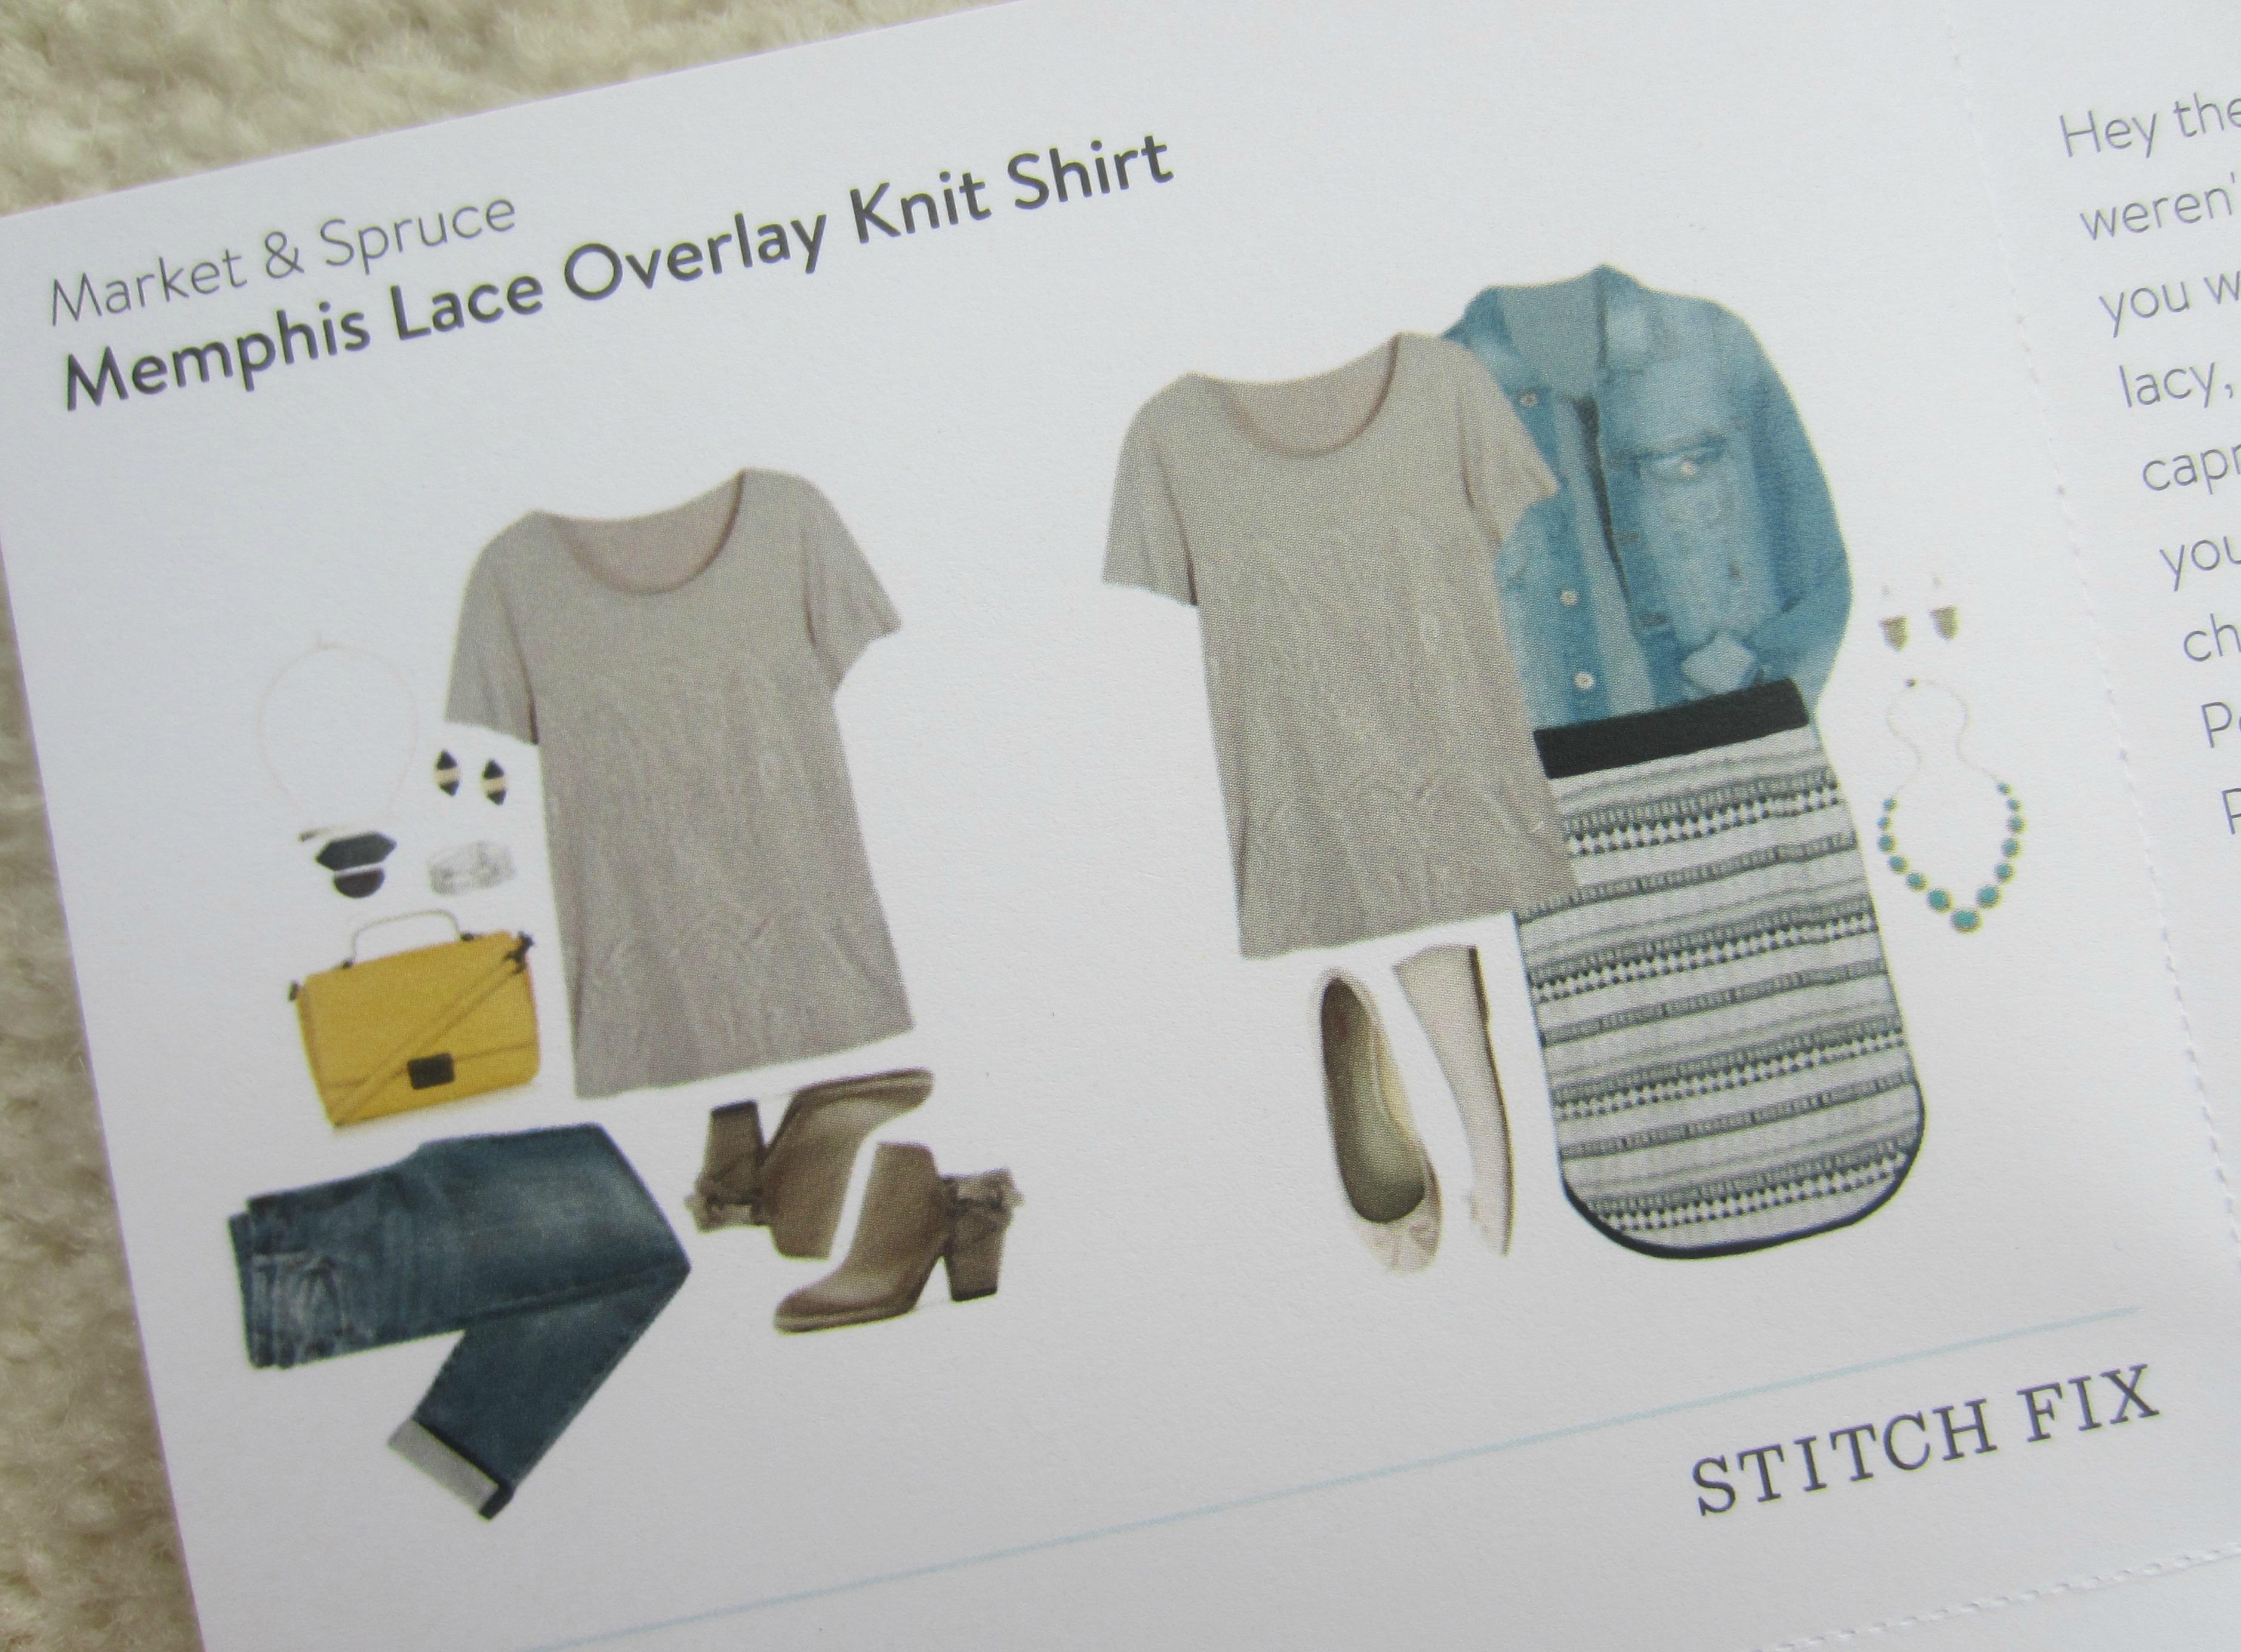 stitch fix styling sheet